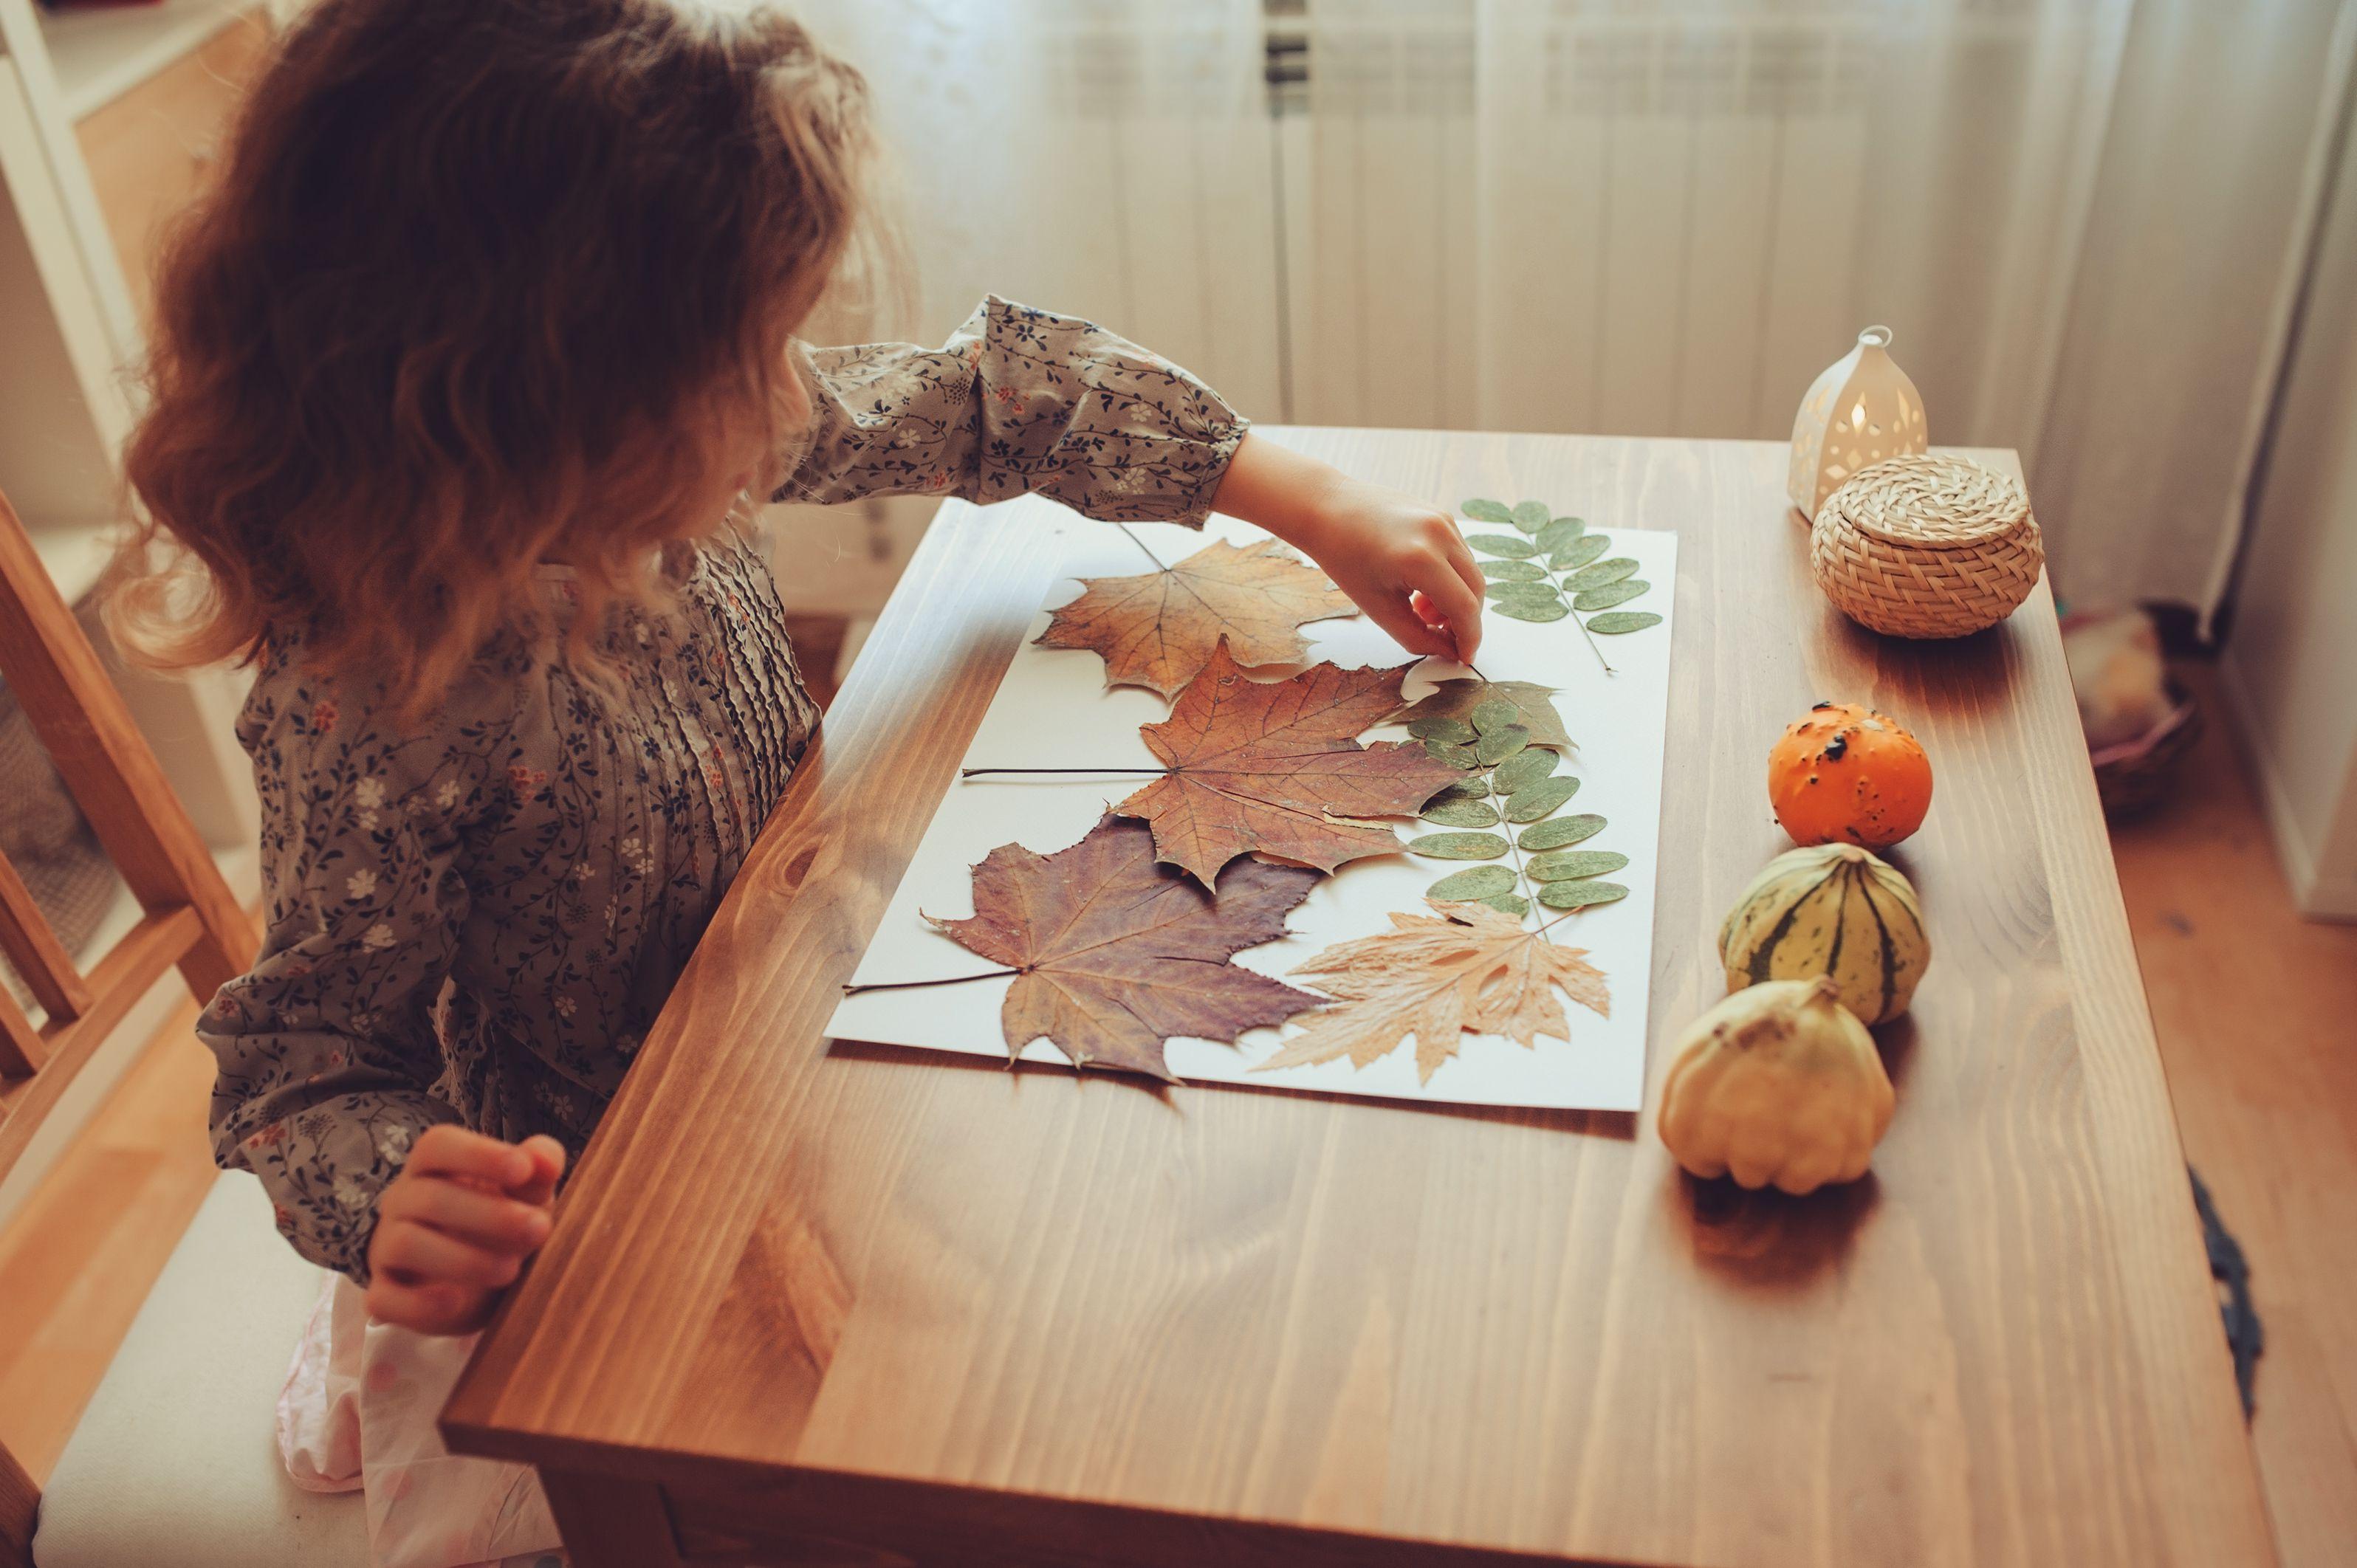 Niña haciendo un collage de hojas secas